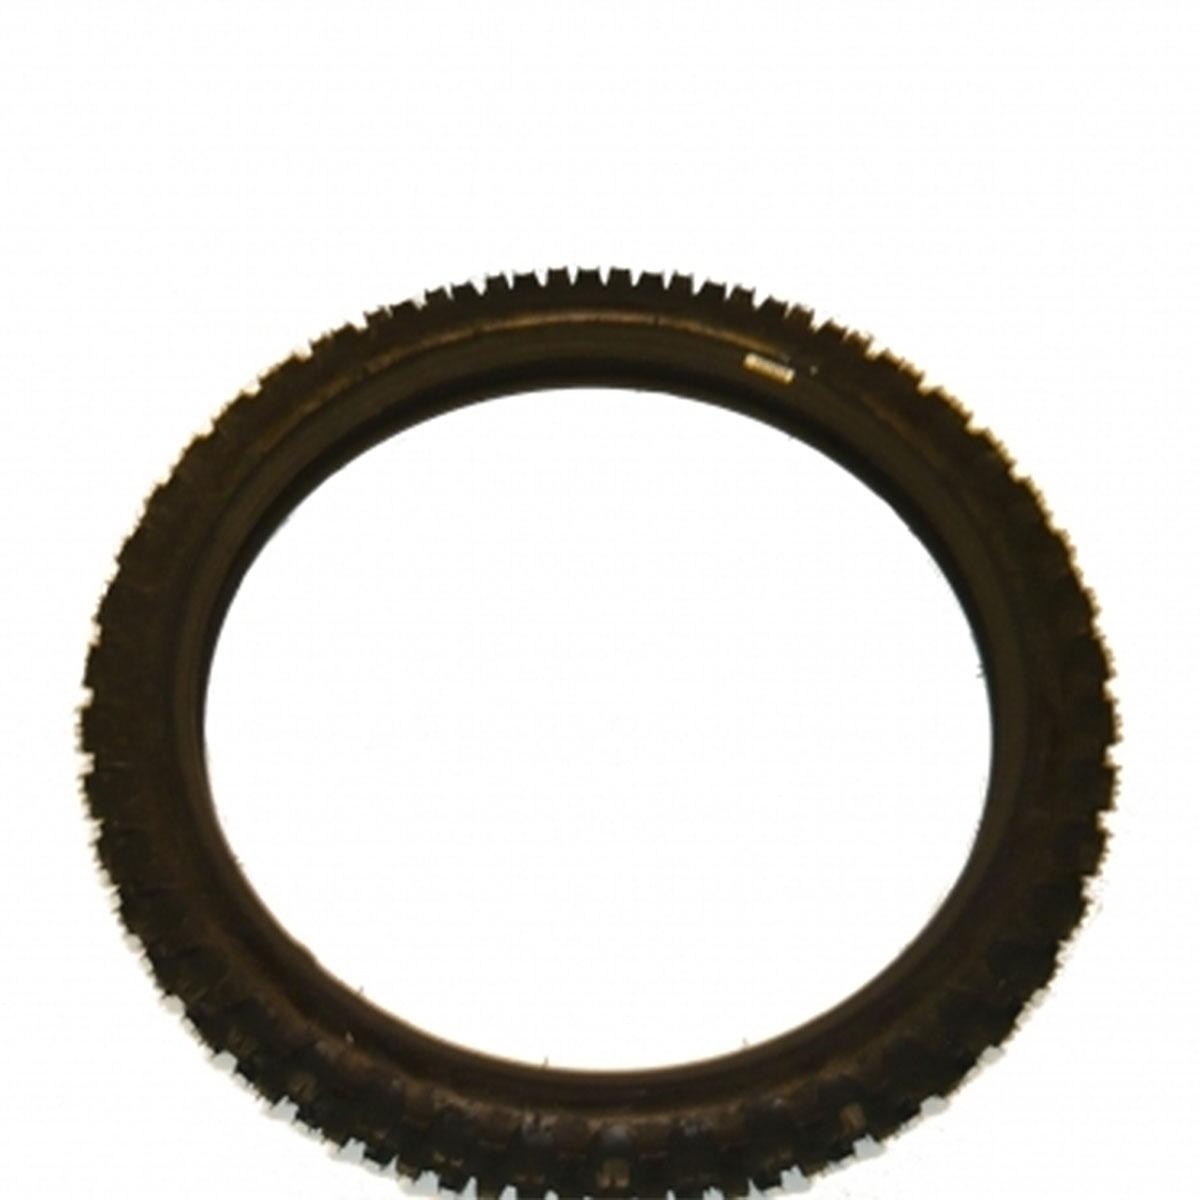 Räder / Reifen / Zubehör